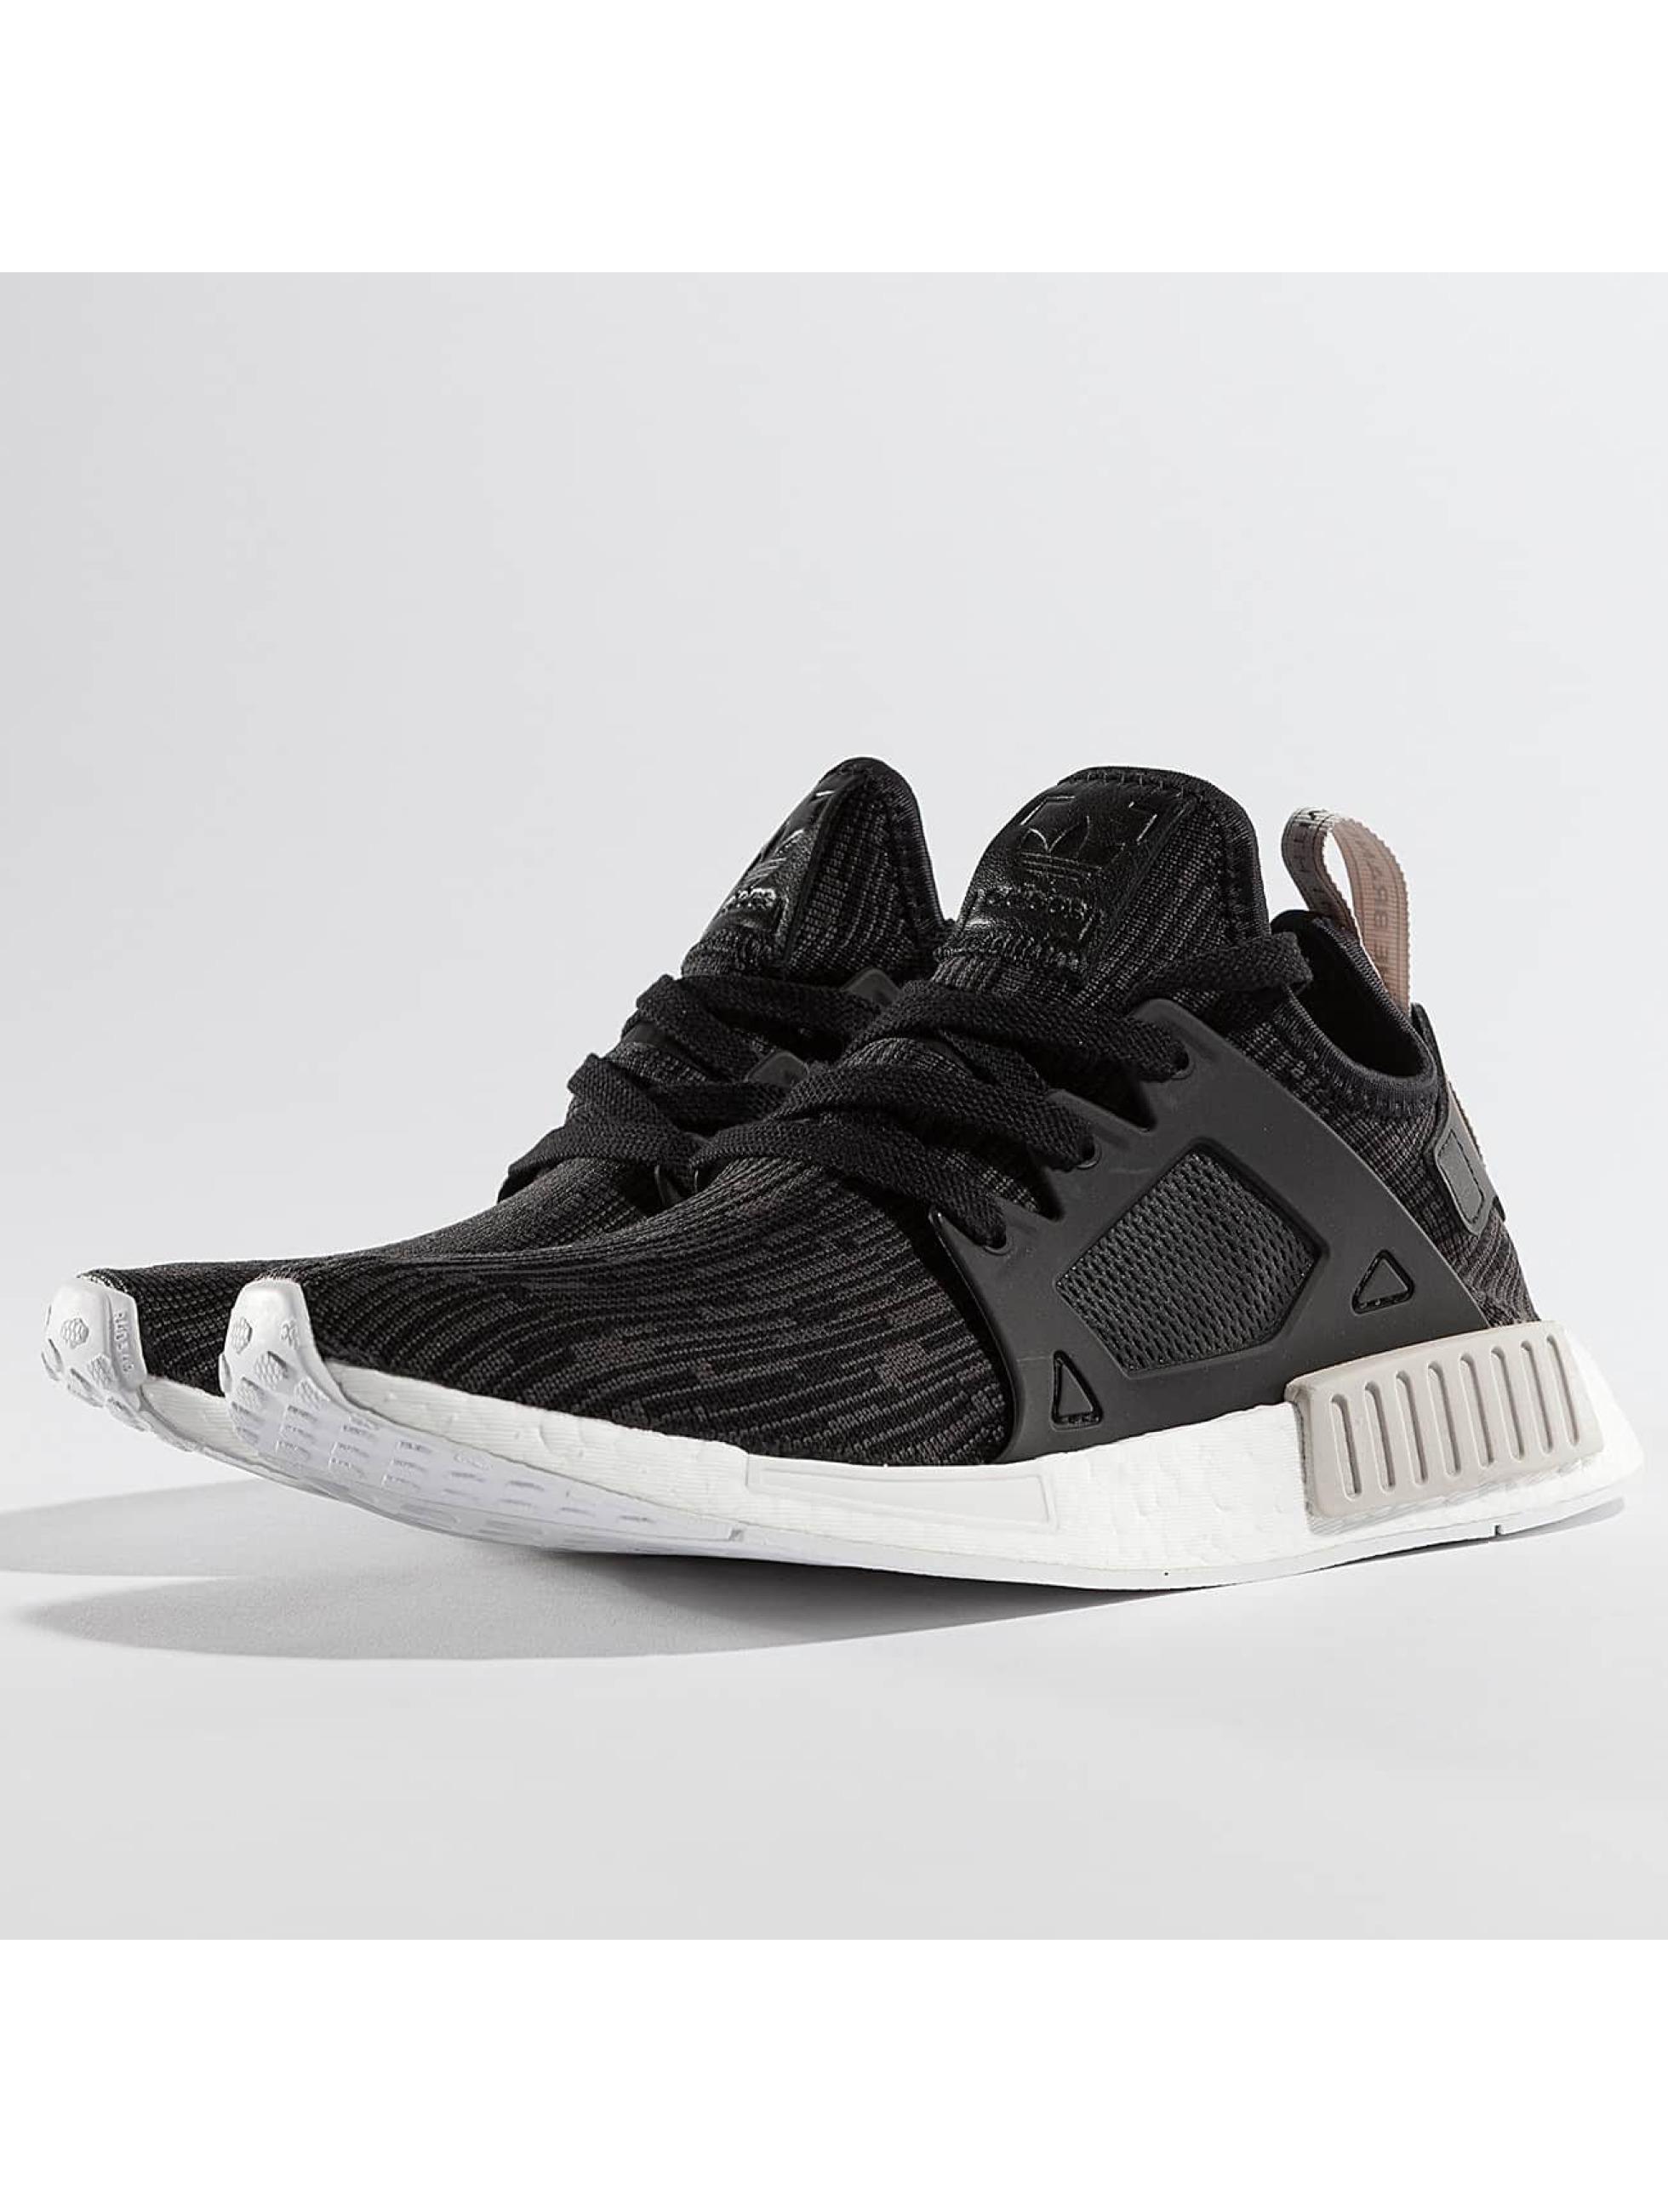 adidas nmd xr1 schwarz